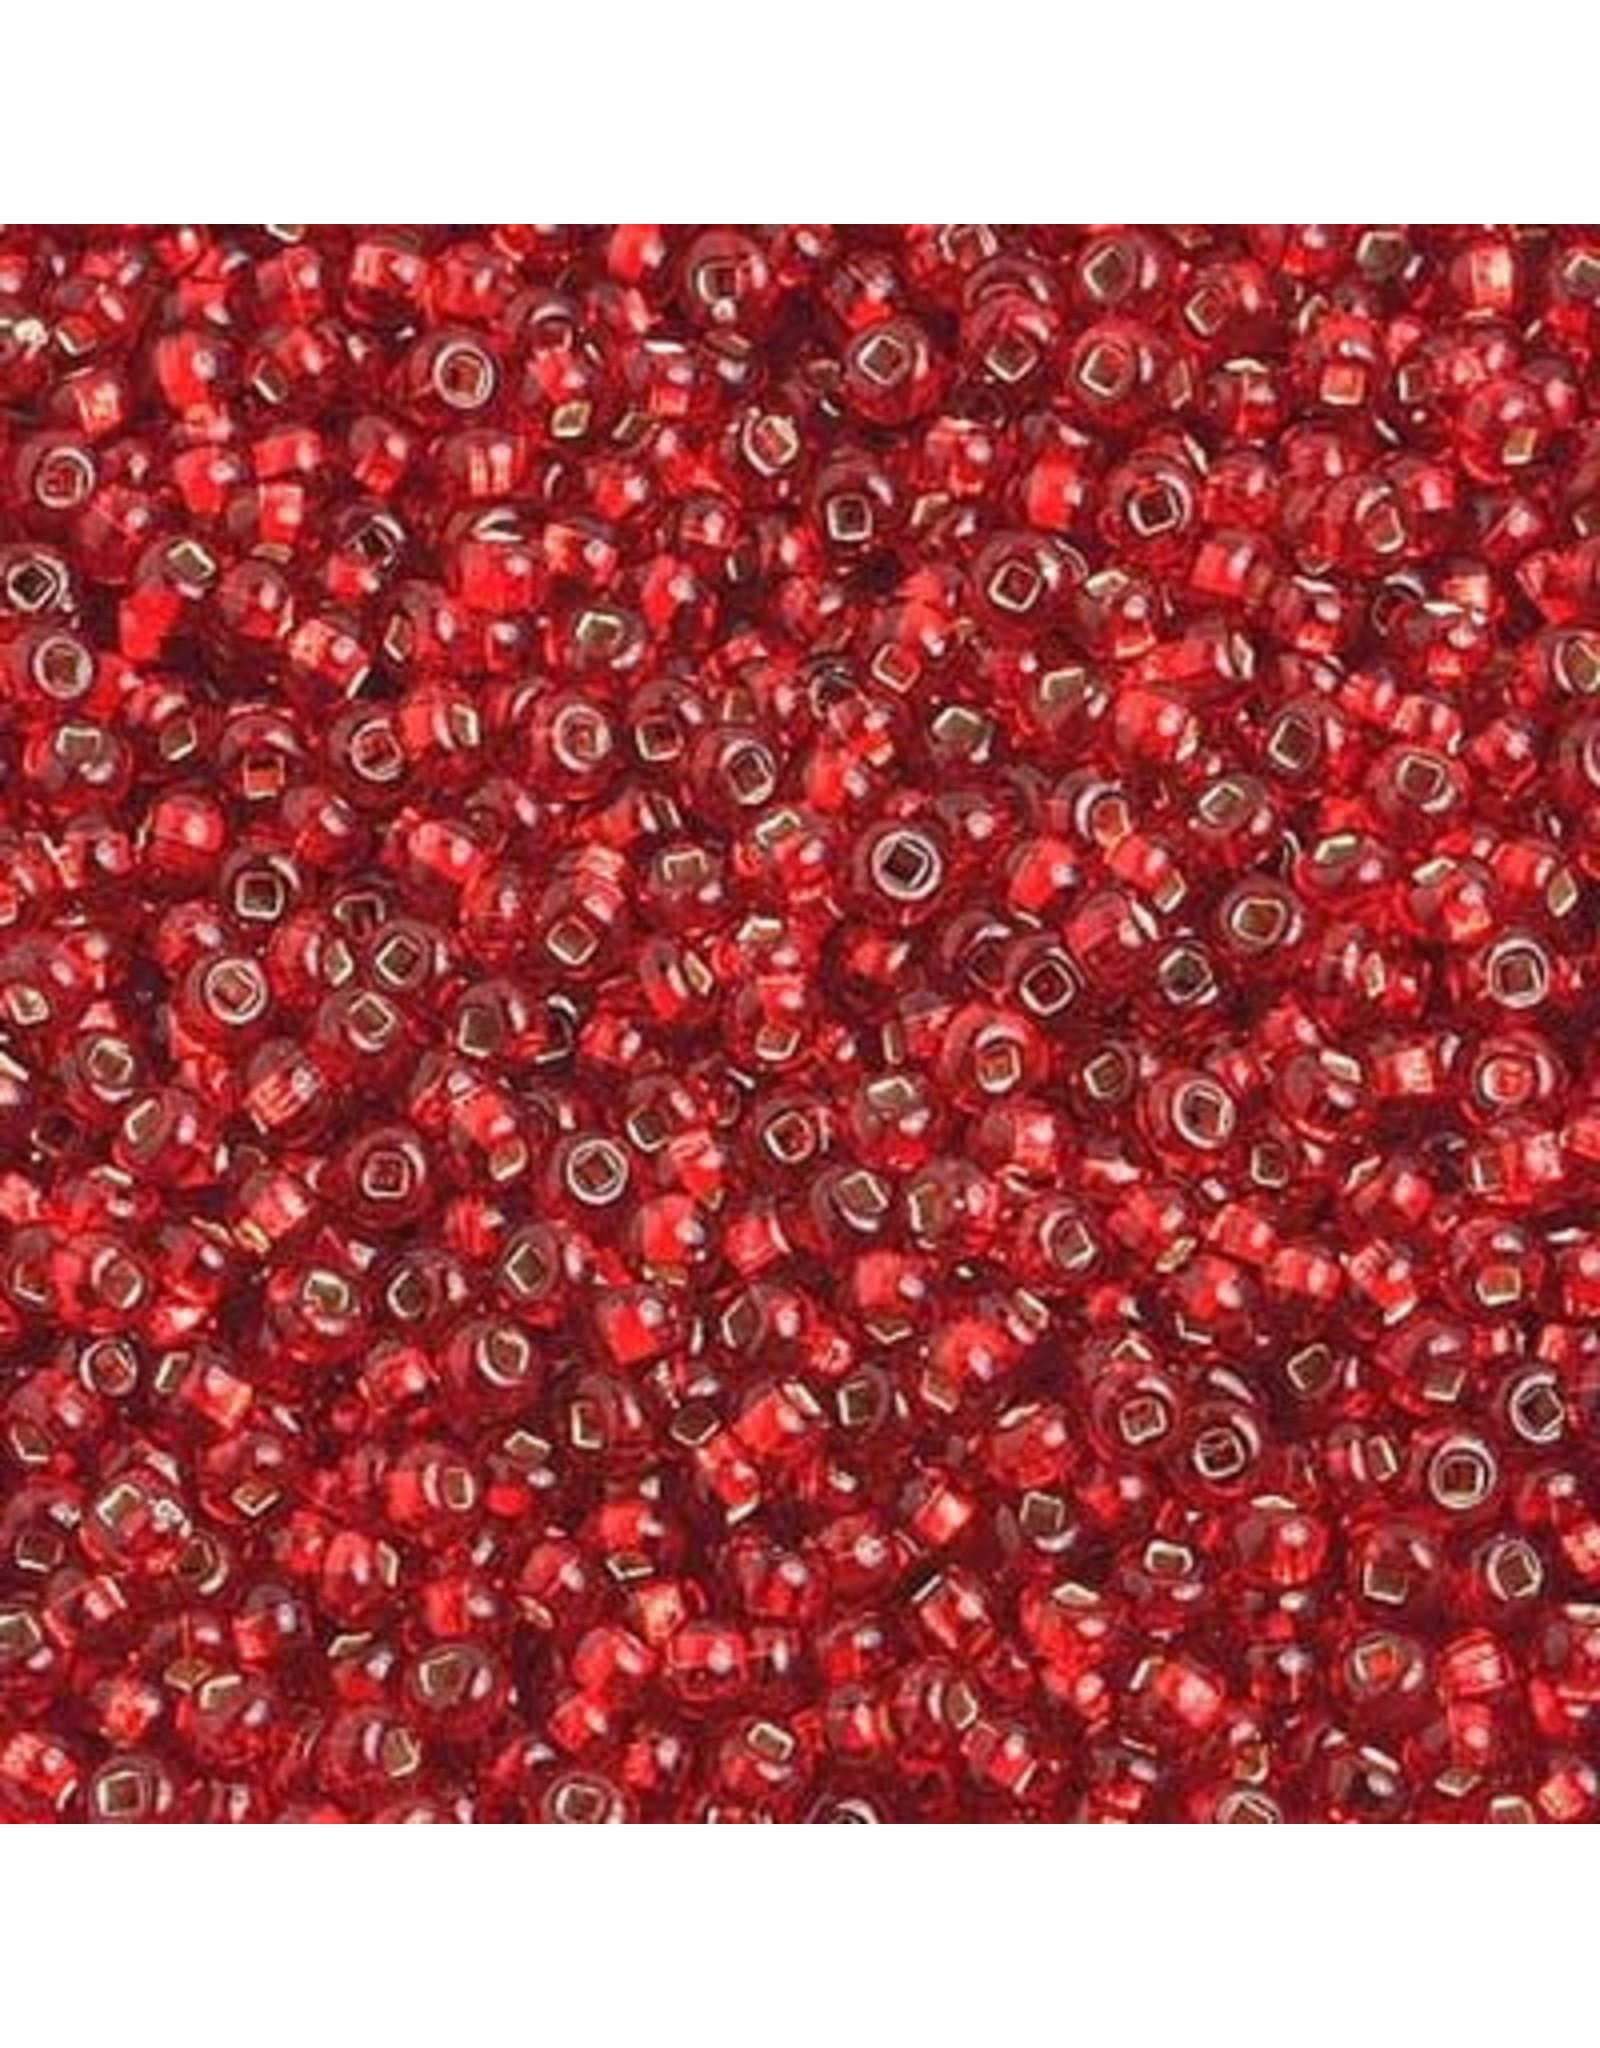 Czech *1284 10 Czech Seed 10g  Light Red  s/l